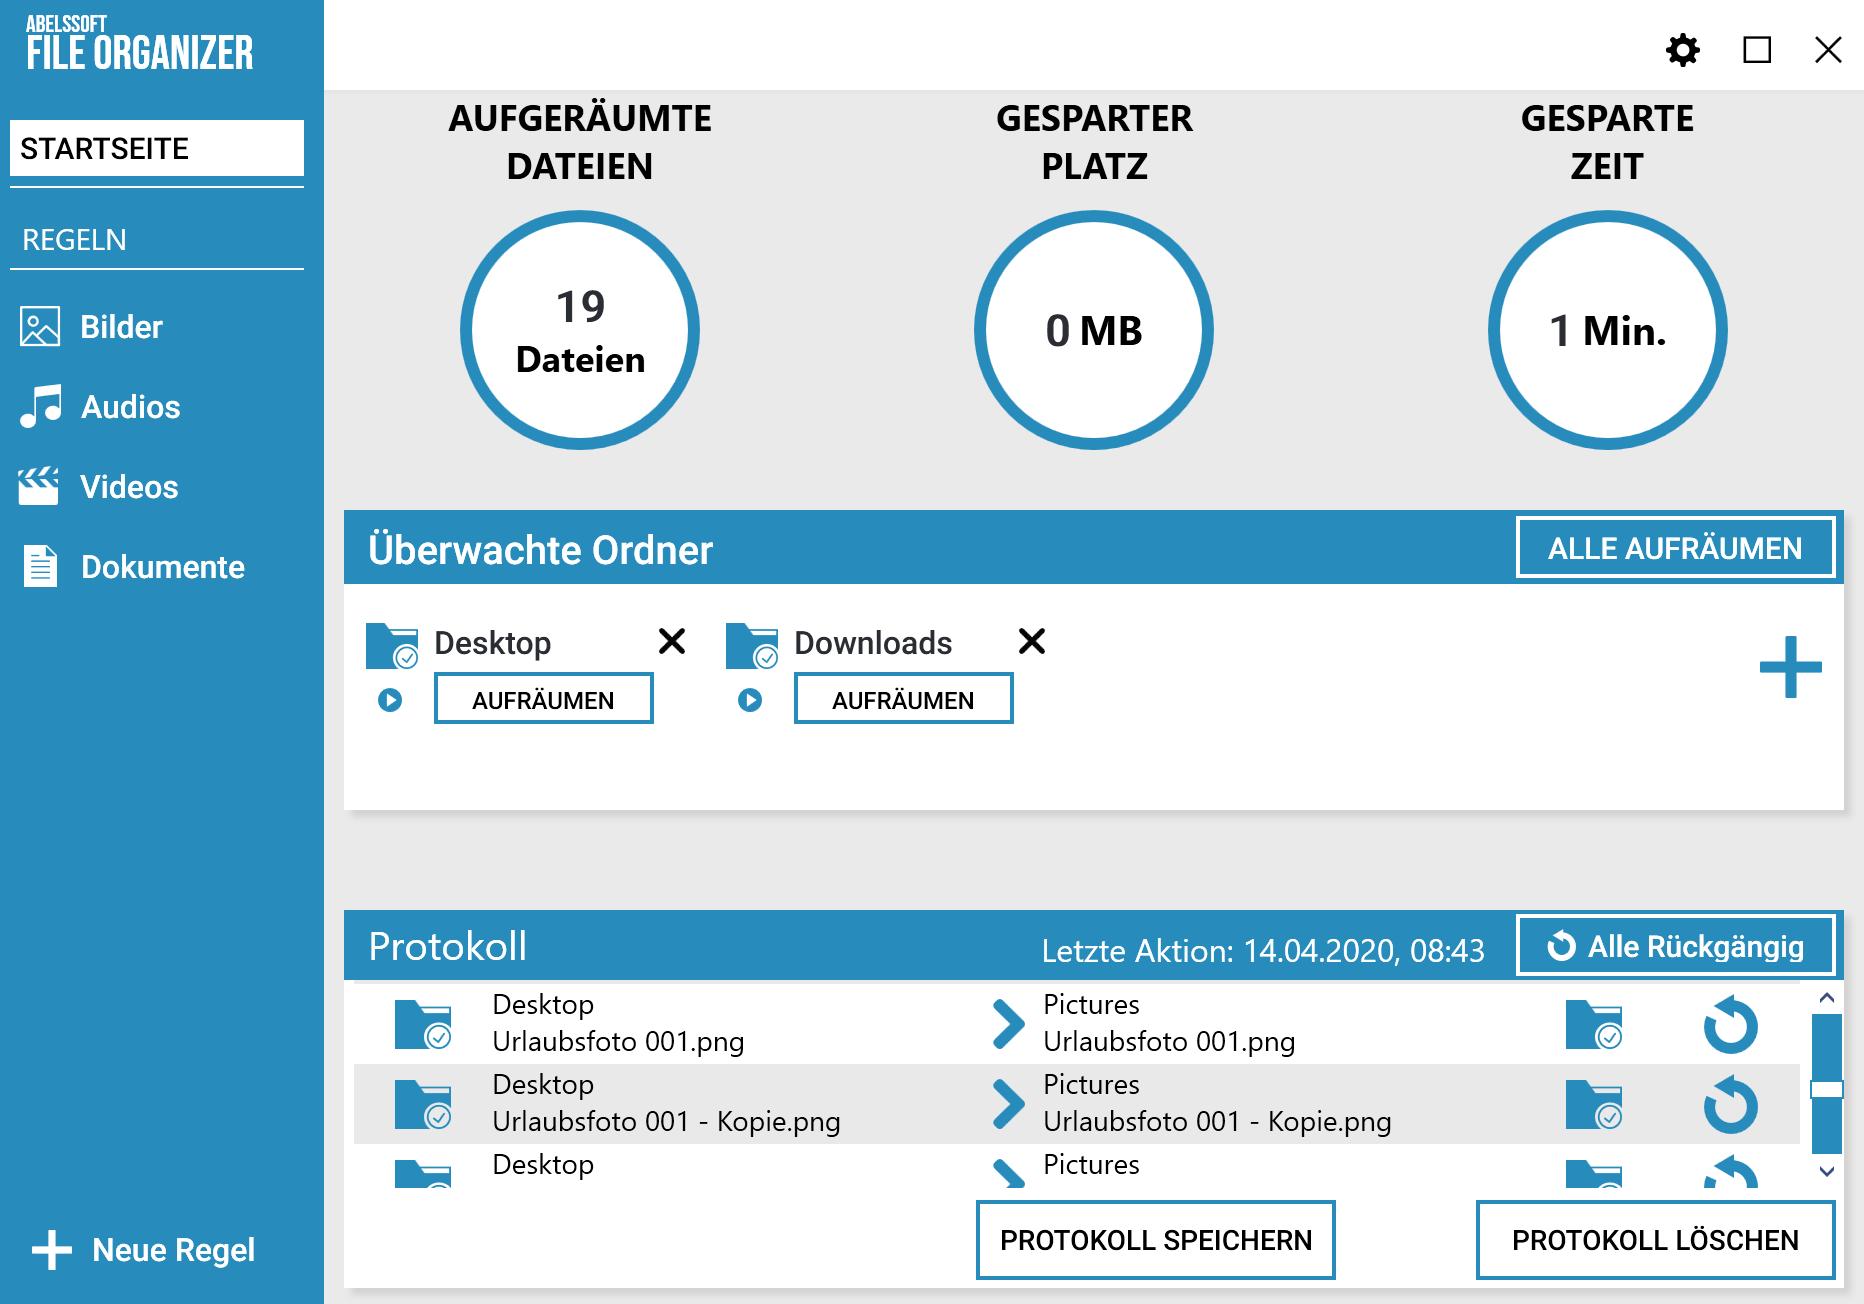 Desktop automatisch aufräumen - Ergebnis